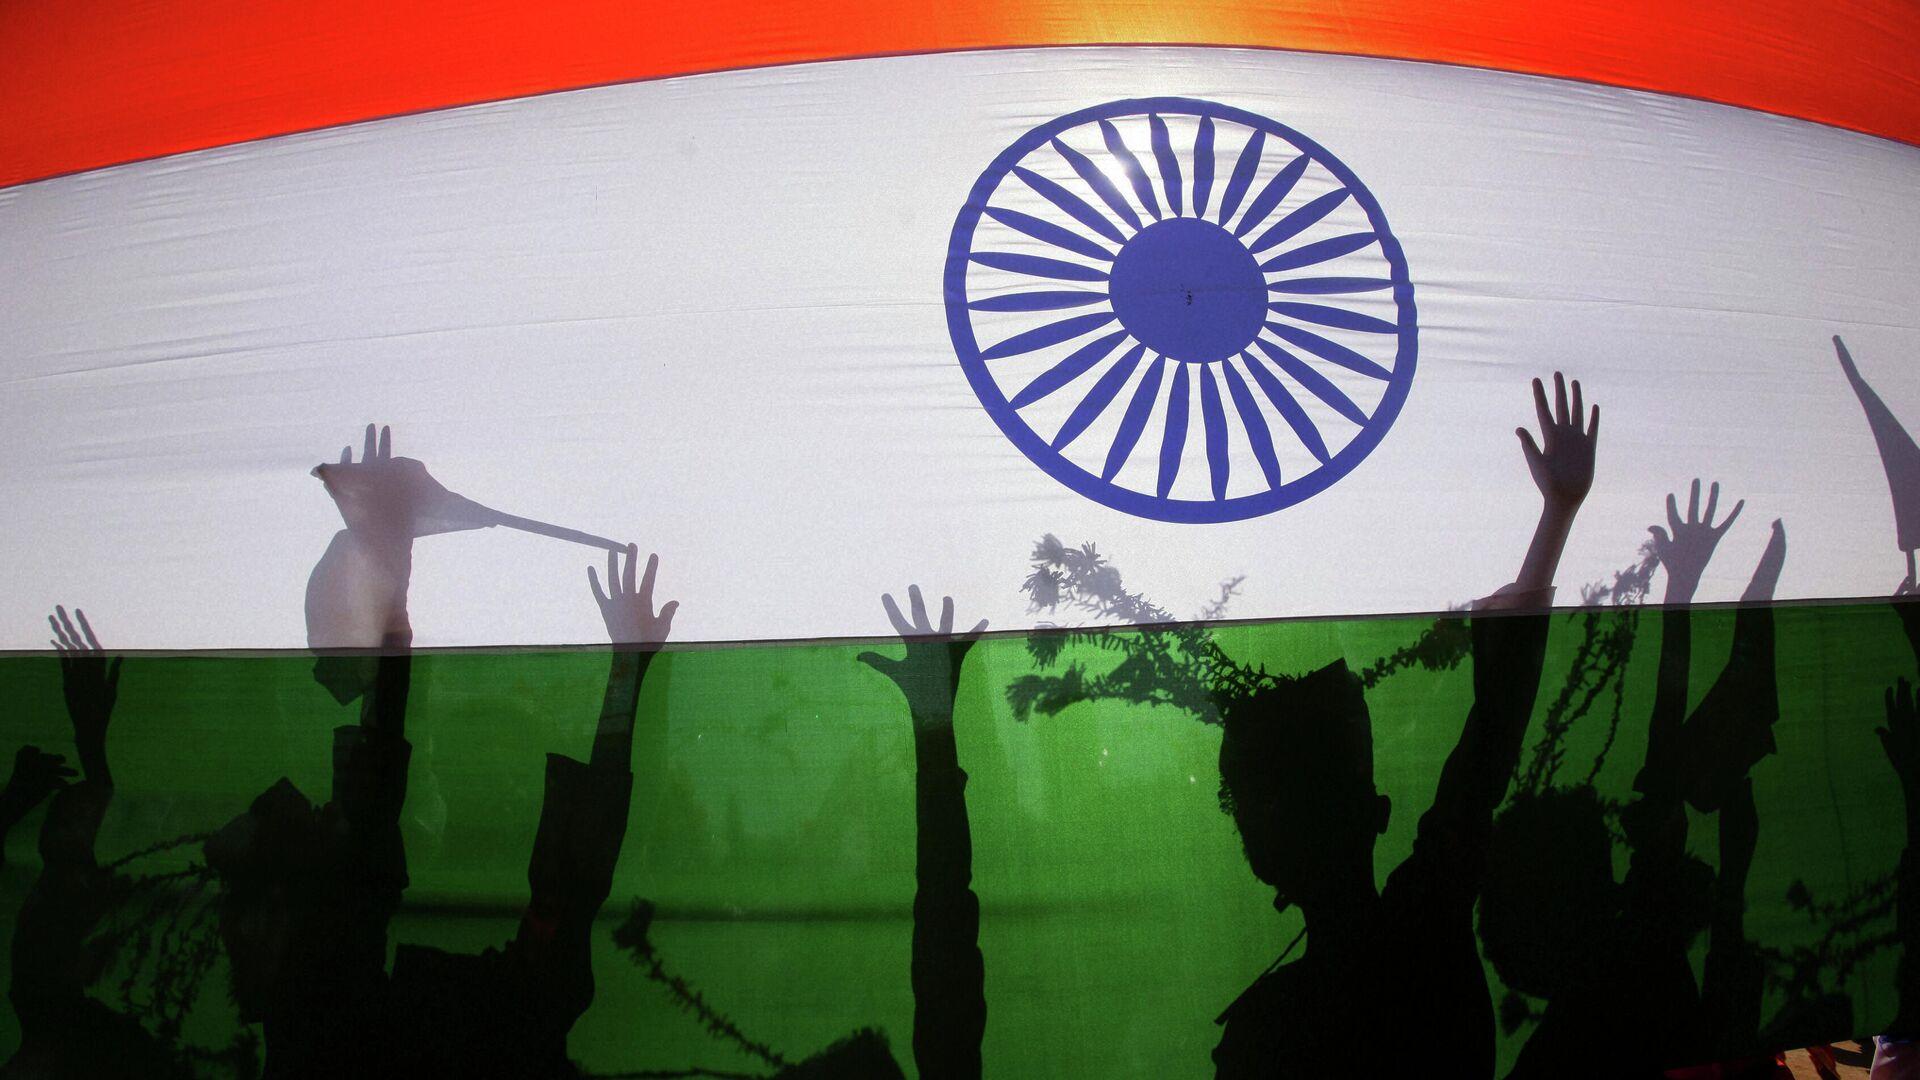 Силуэты людей на фоне национального флага Индии - Sputnik Таджикистан, 1920, 24.09.2021